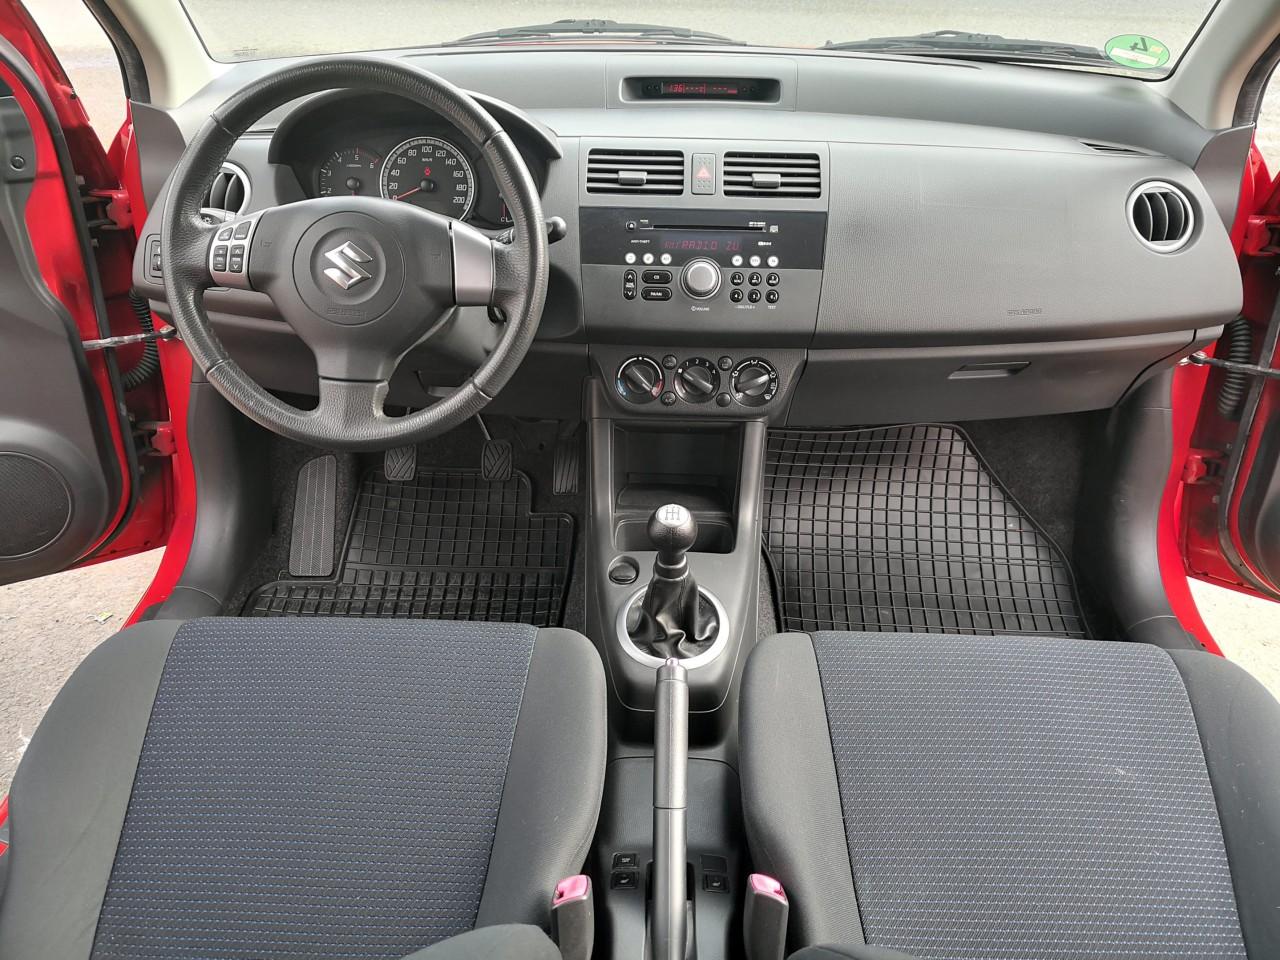 Suzuki Swift 1.3 Diesel 131.500 km An 2009